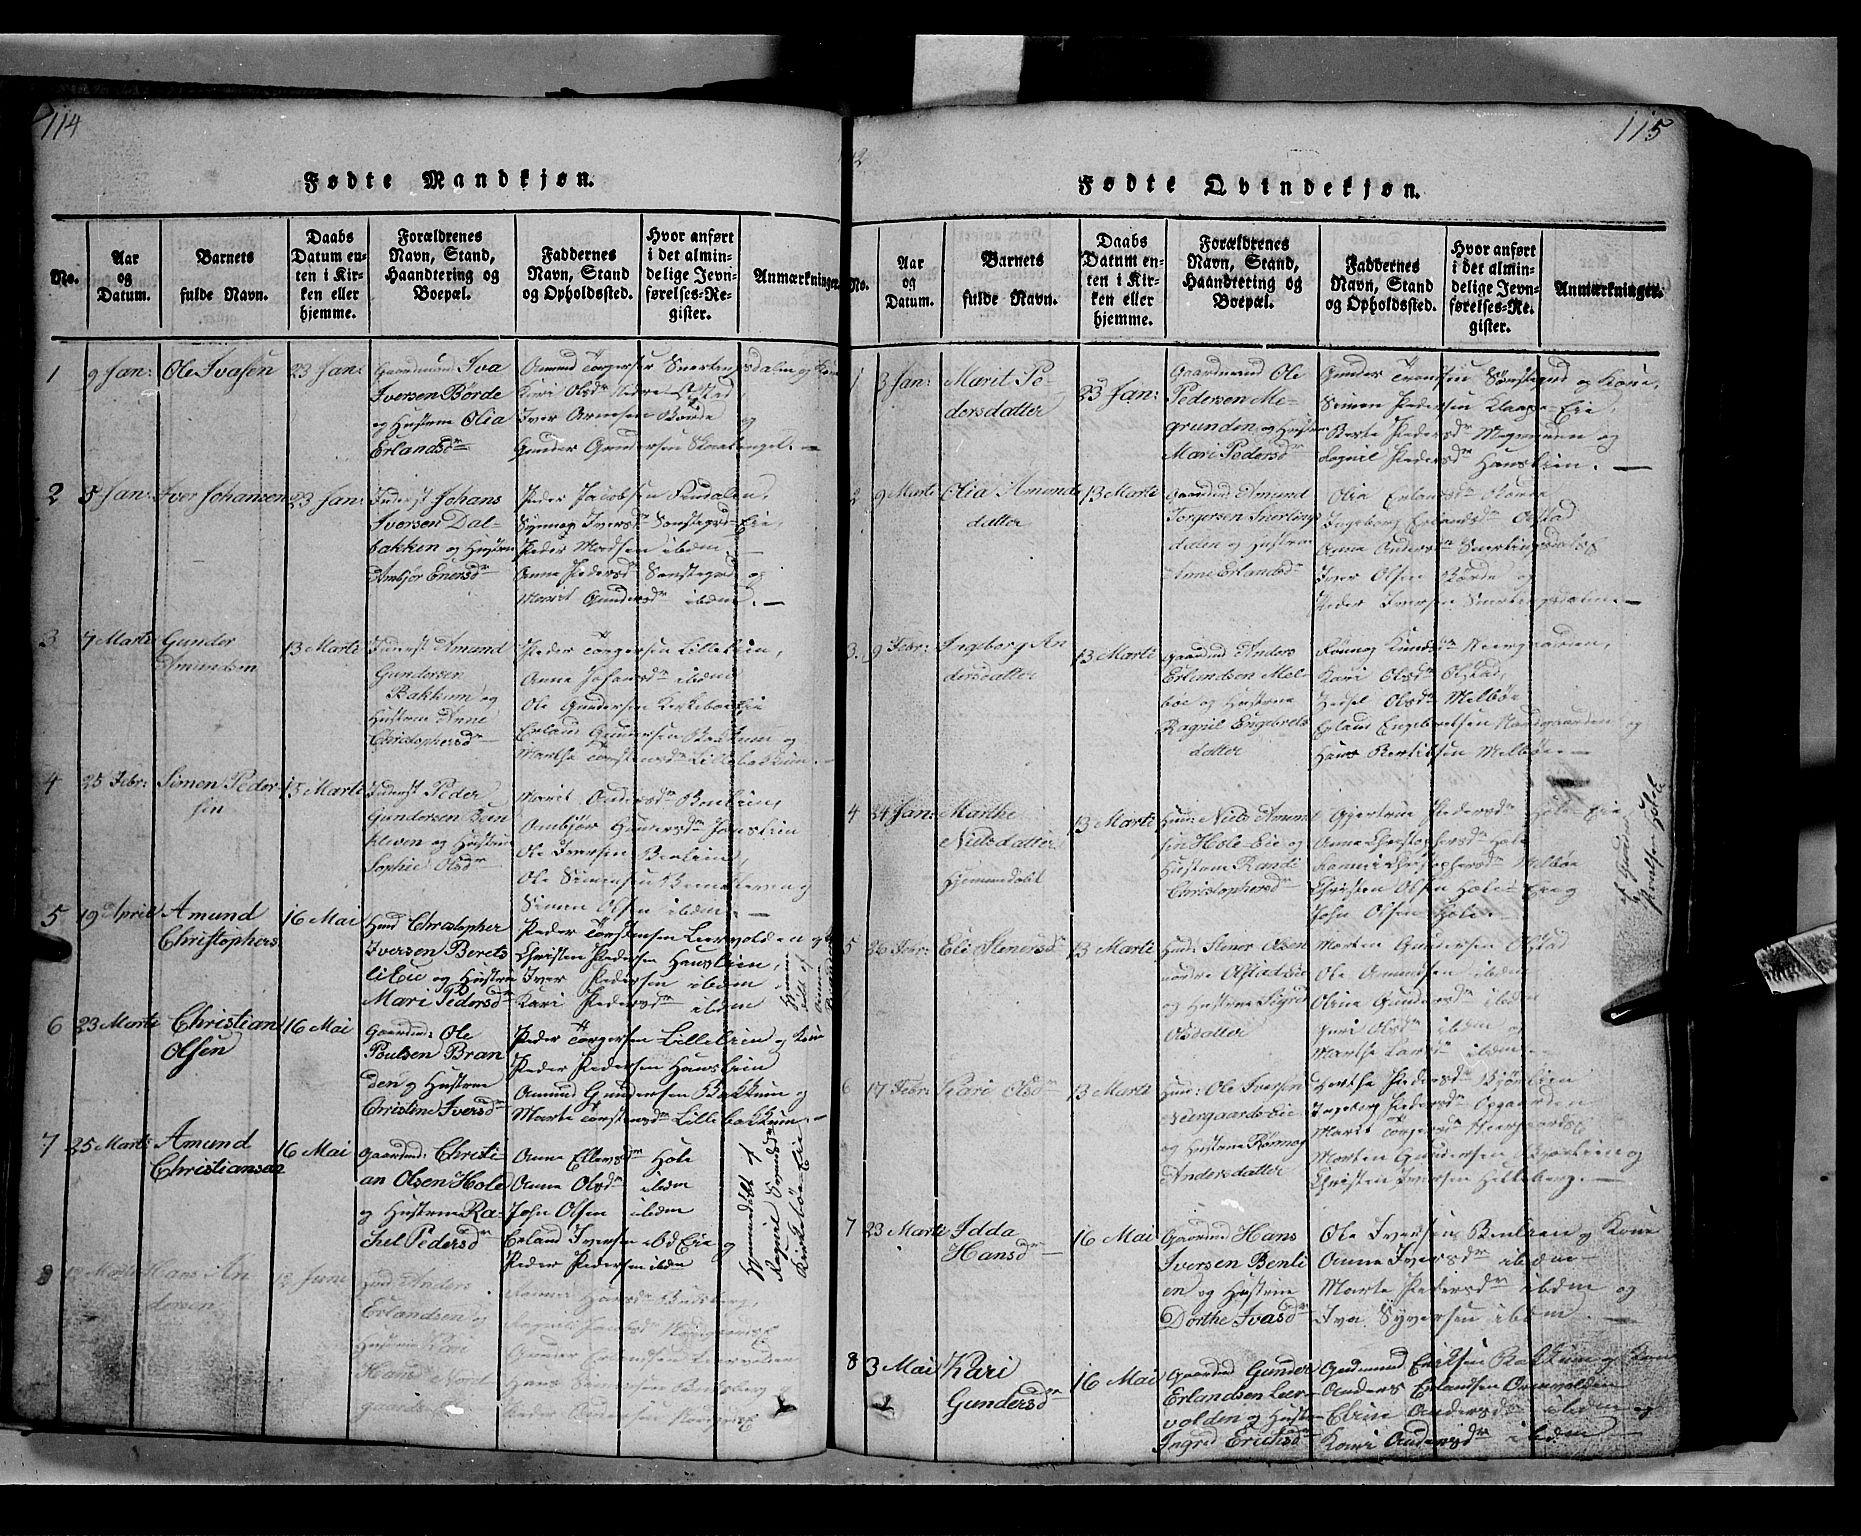 SAH, Gausdal prestekontor, Klokkerbok nr. 2, 1818-1874, s. 114-115